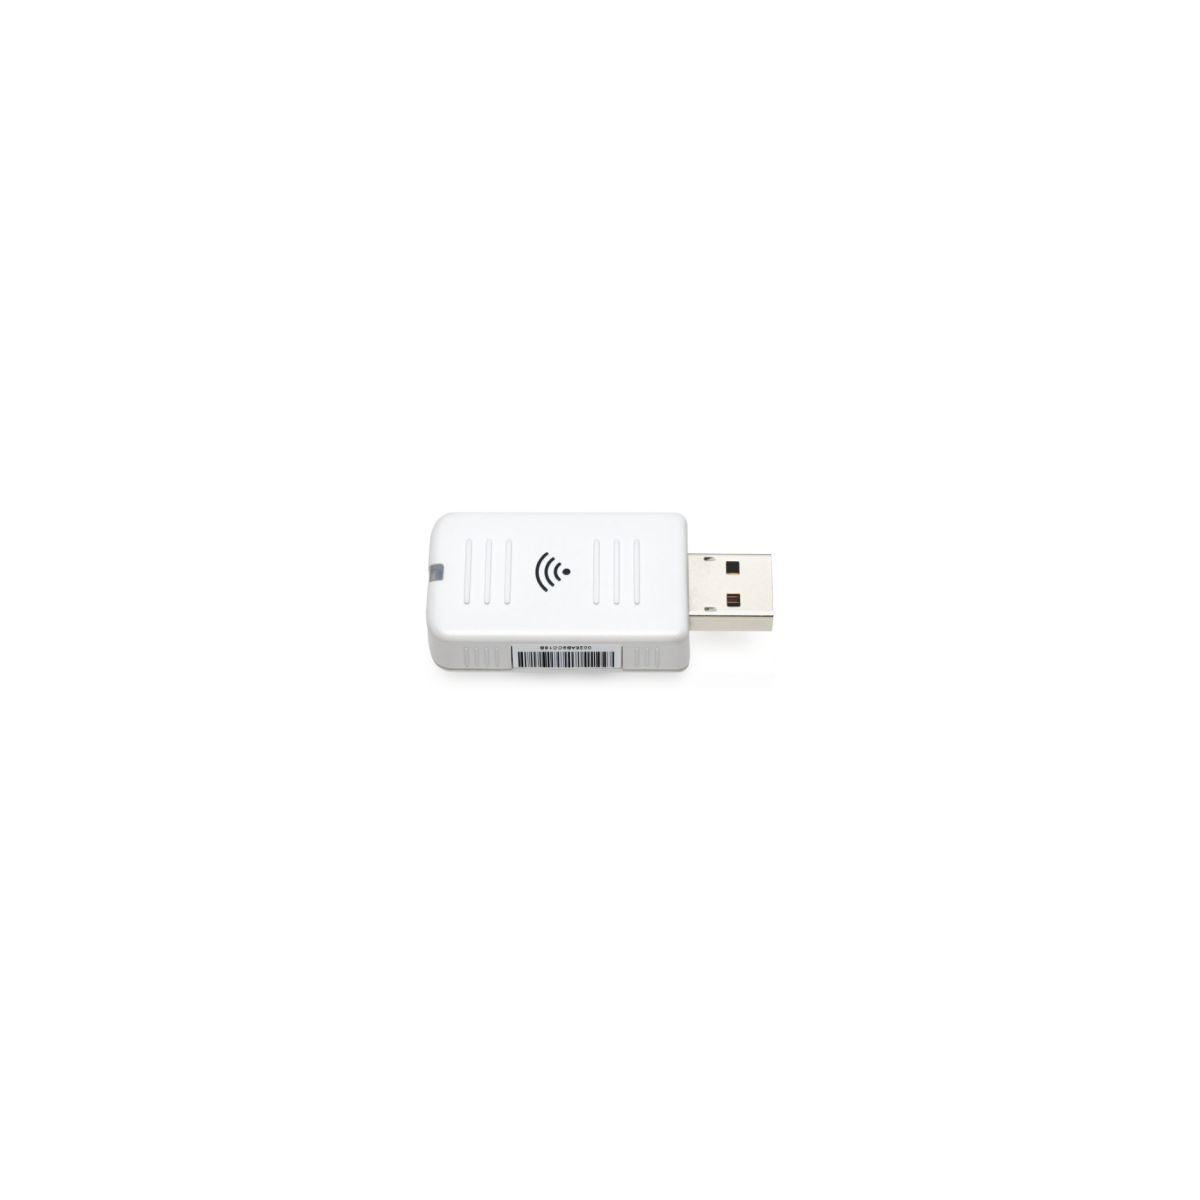 Accessoire epson module wifi elpap10 - livraison offerte : code livrelais (photo)